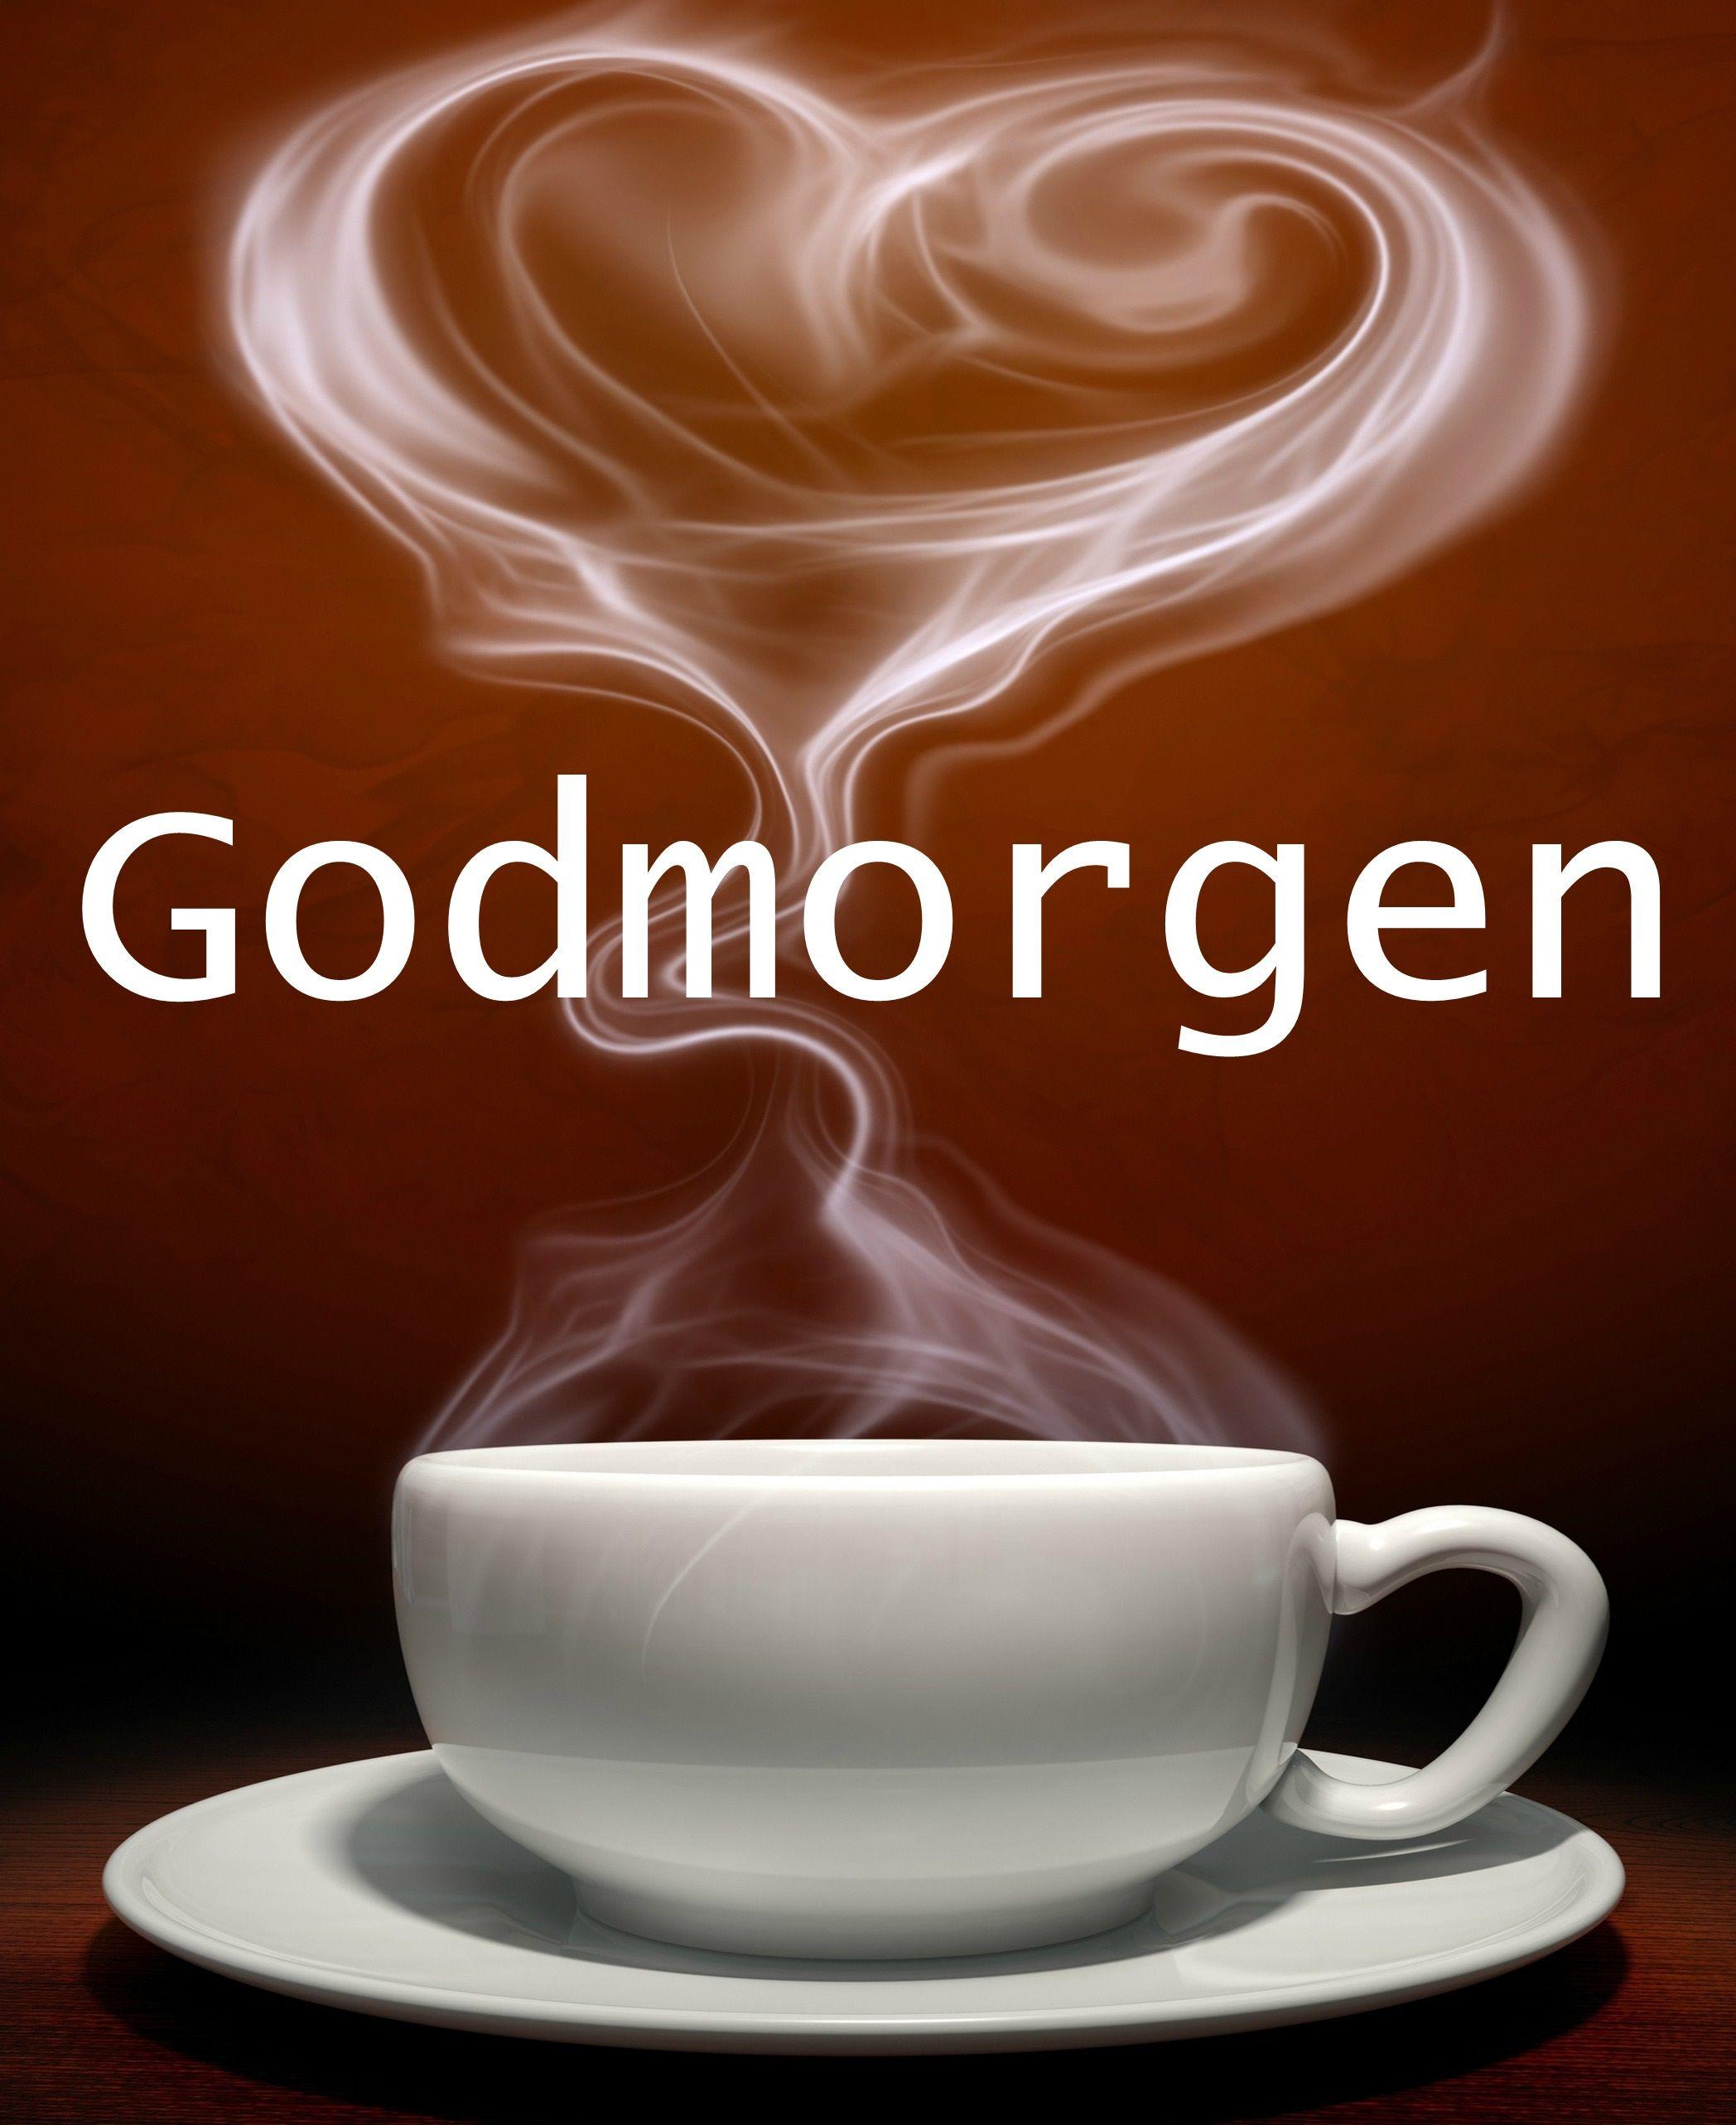 Godmorgen Godmorgen Godmorgen Citater Godmorgen Kaffe